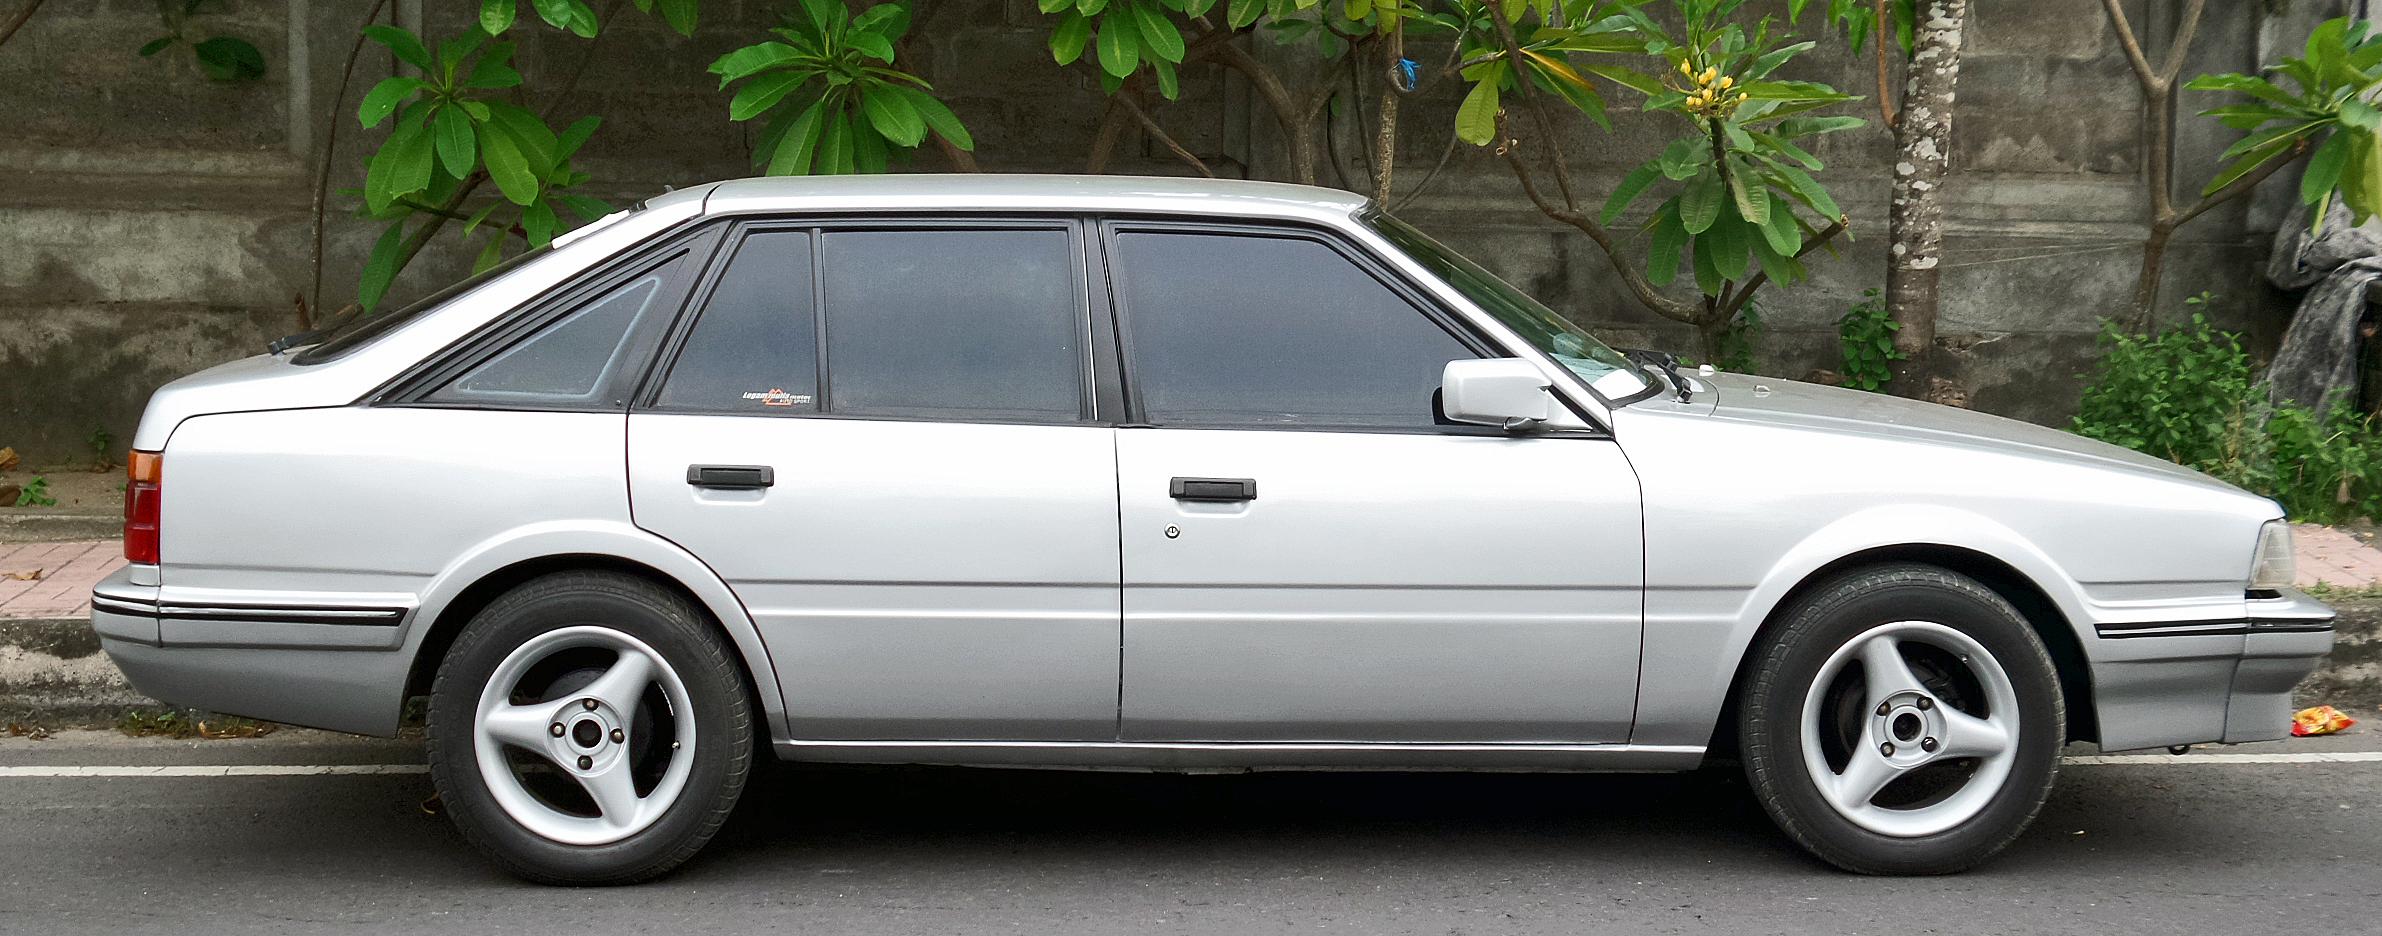 mazda 626 glx 1986